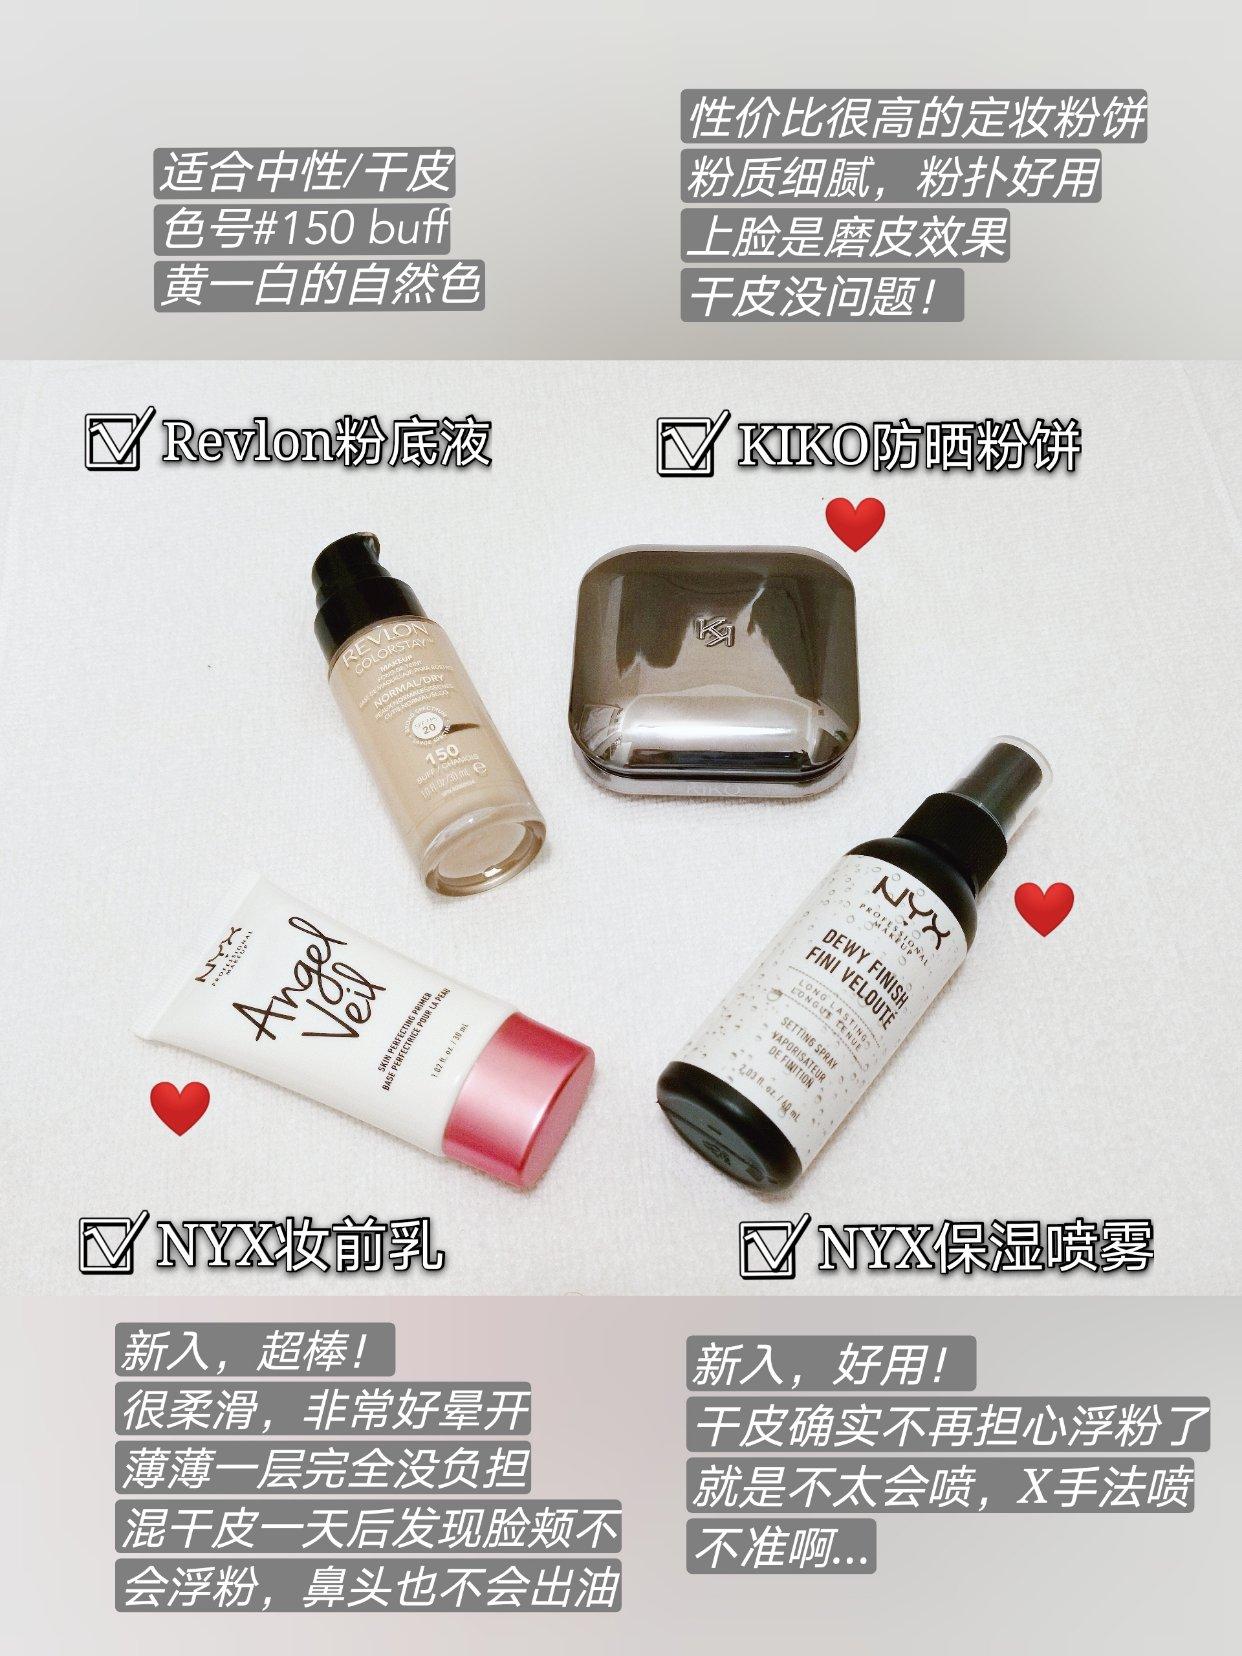 [化妆小白要进阶] 第一次拿新入的彩妆练手